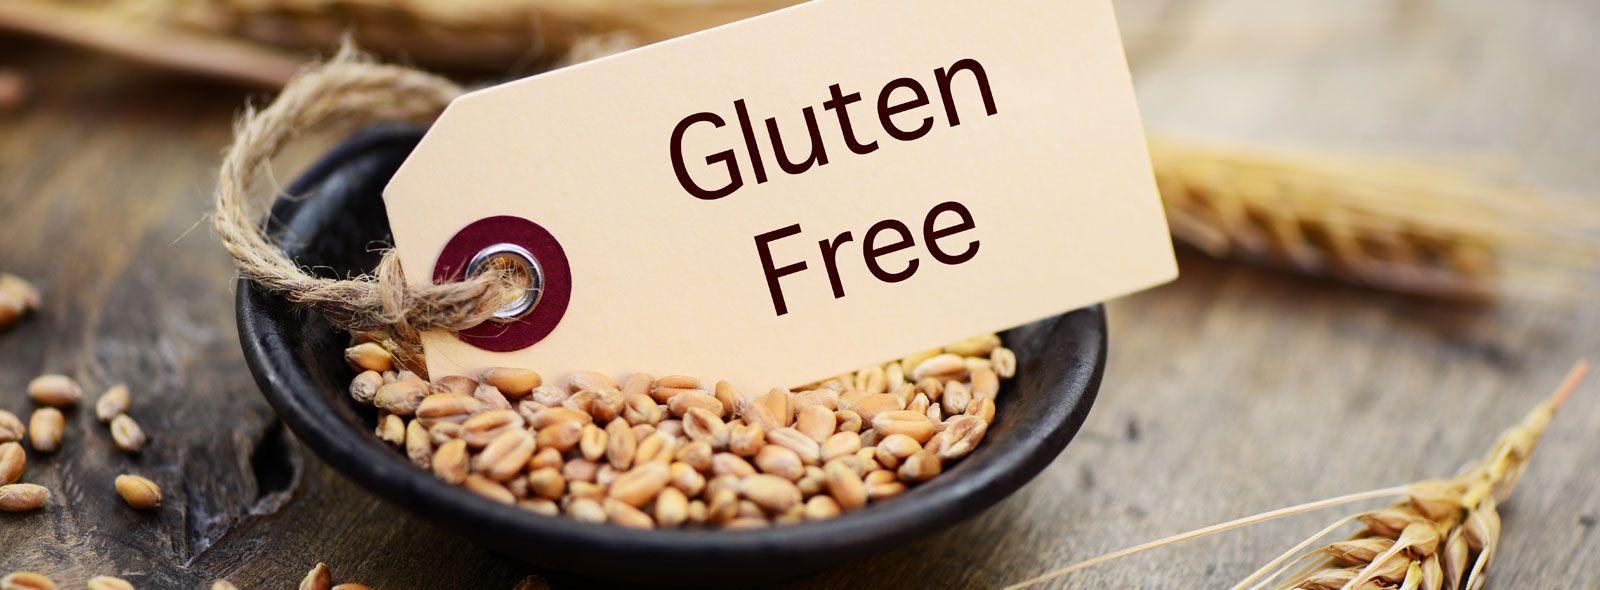 Corsi cucina senza glutine | Trovami